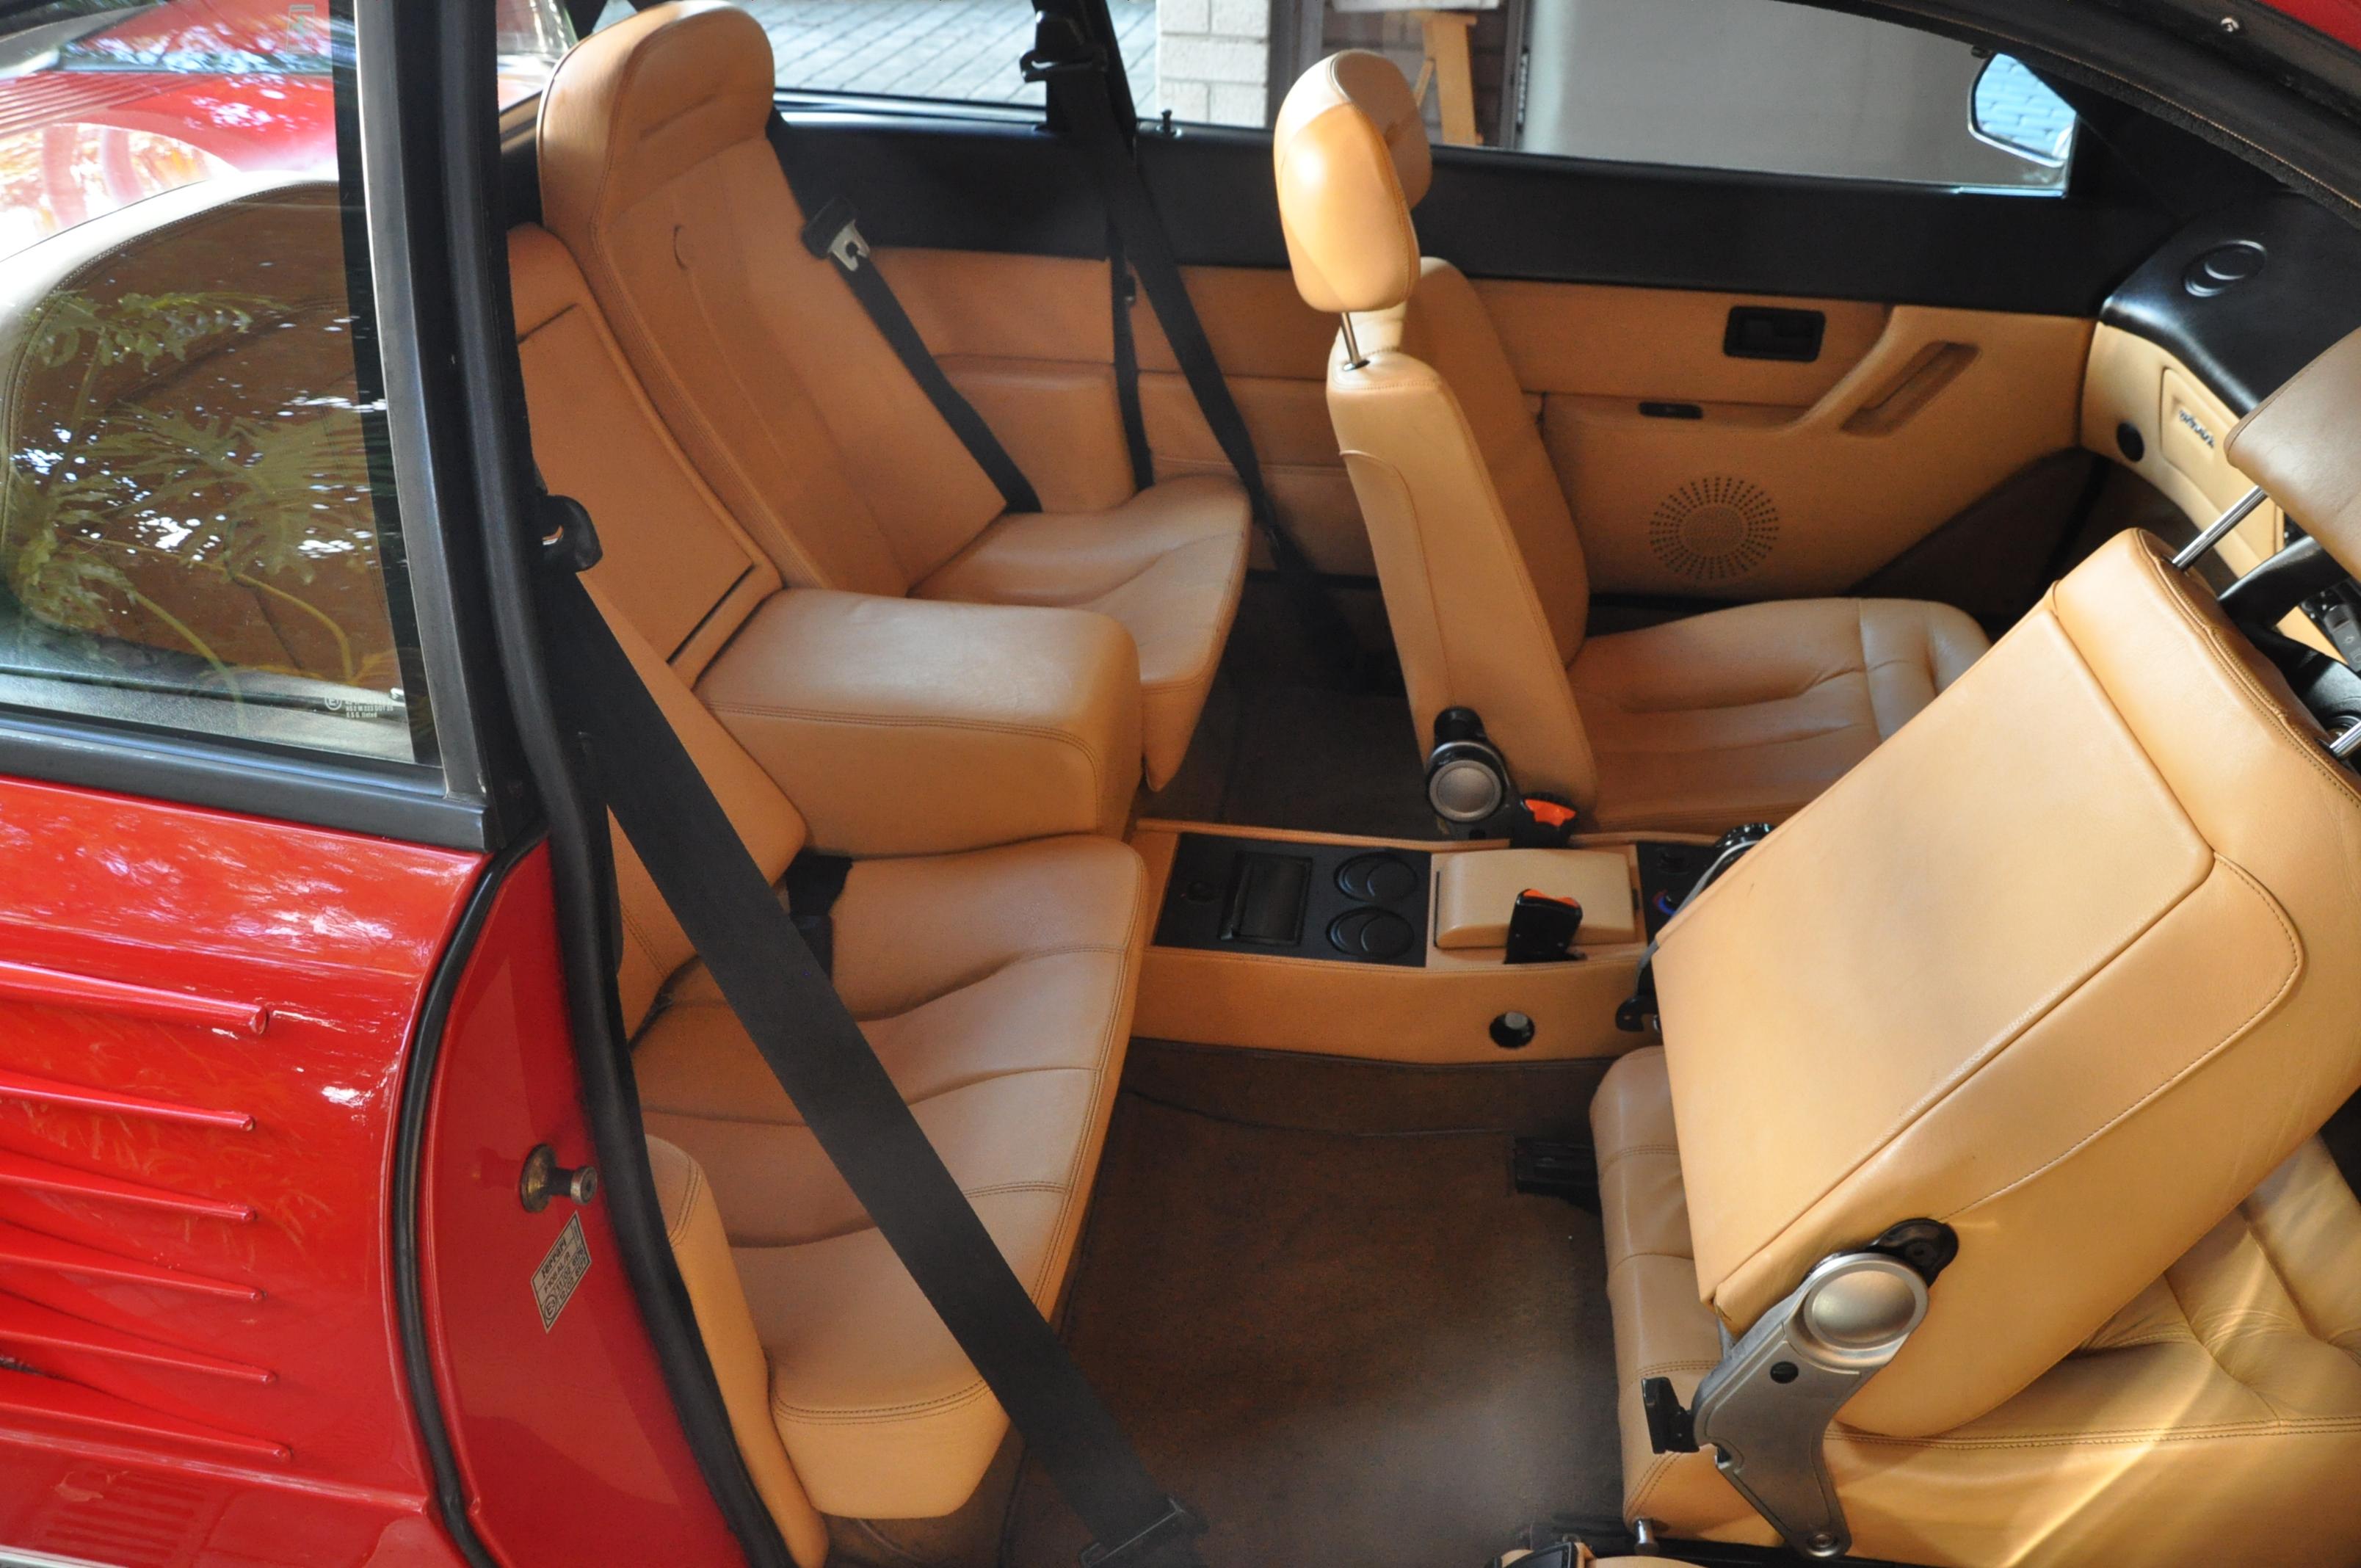 ferrari mondial quattrovalvole 3 0 ferrari mondial cabrio 3 0 quattrovalvole 1985 verkocht. Black Bedroom Furniture Sets. Home Design Ideas